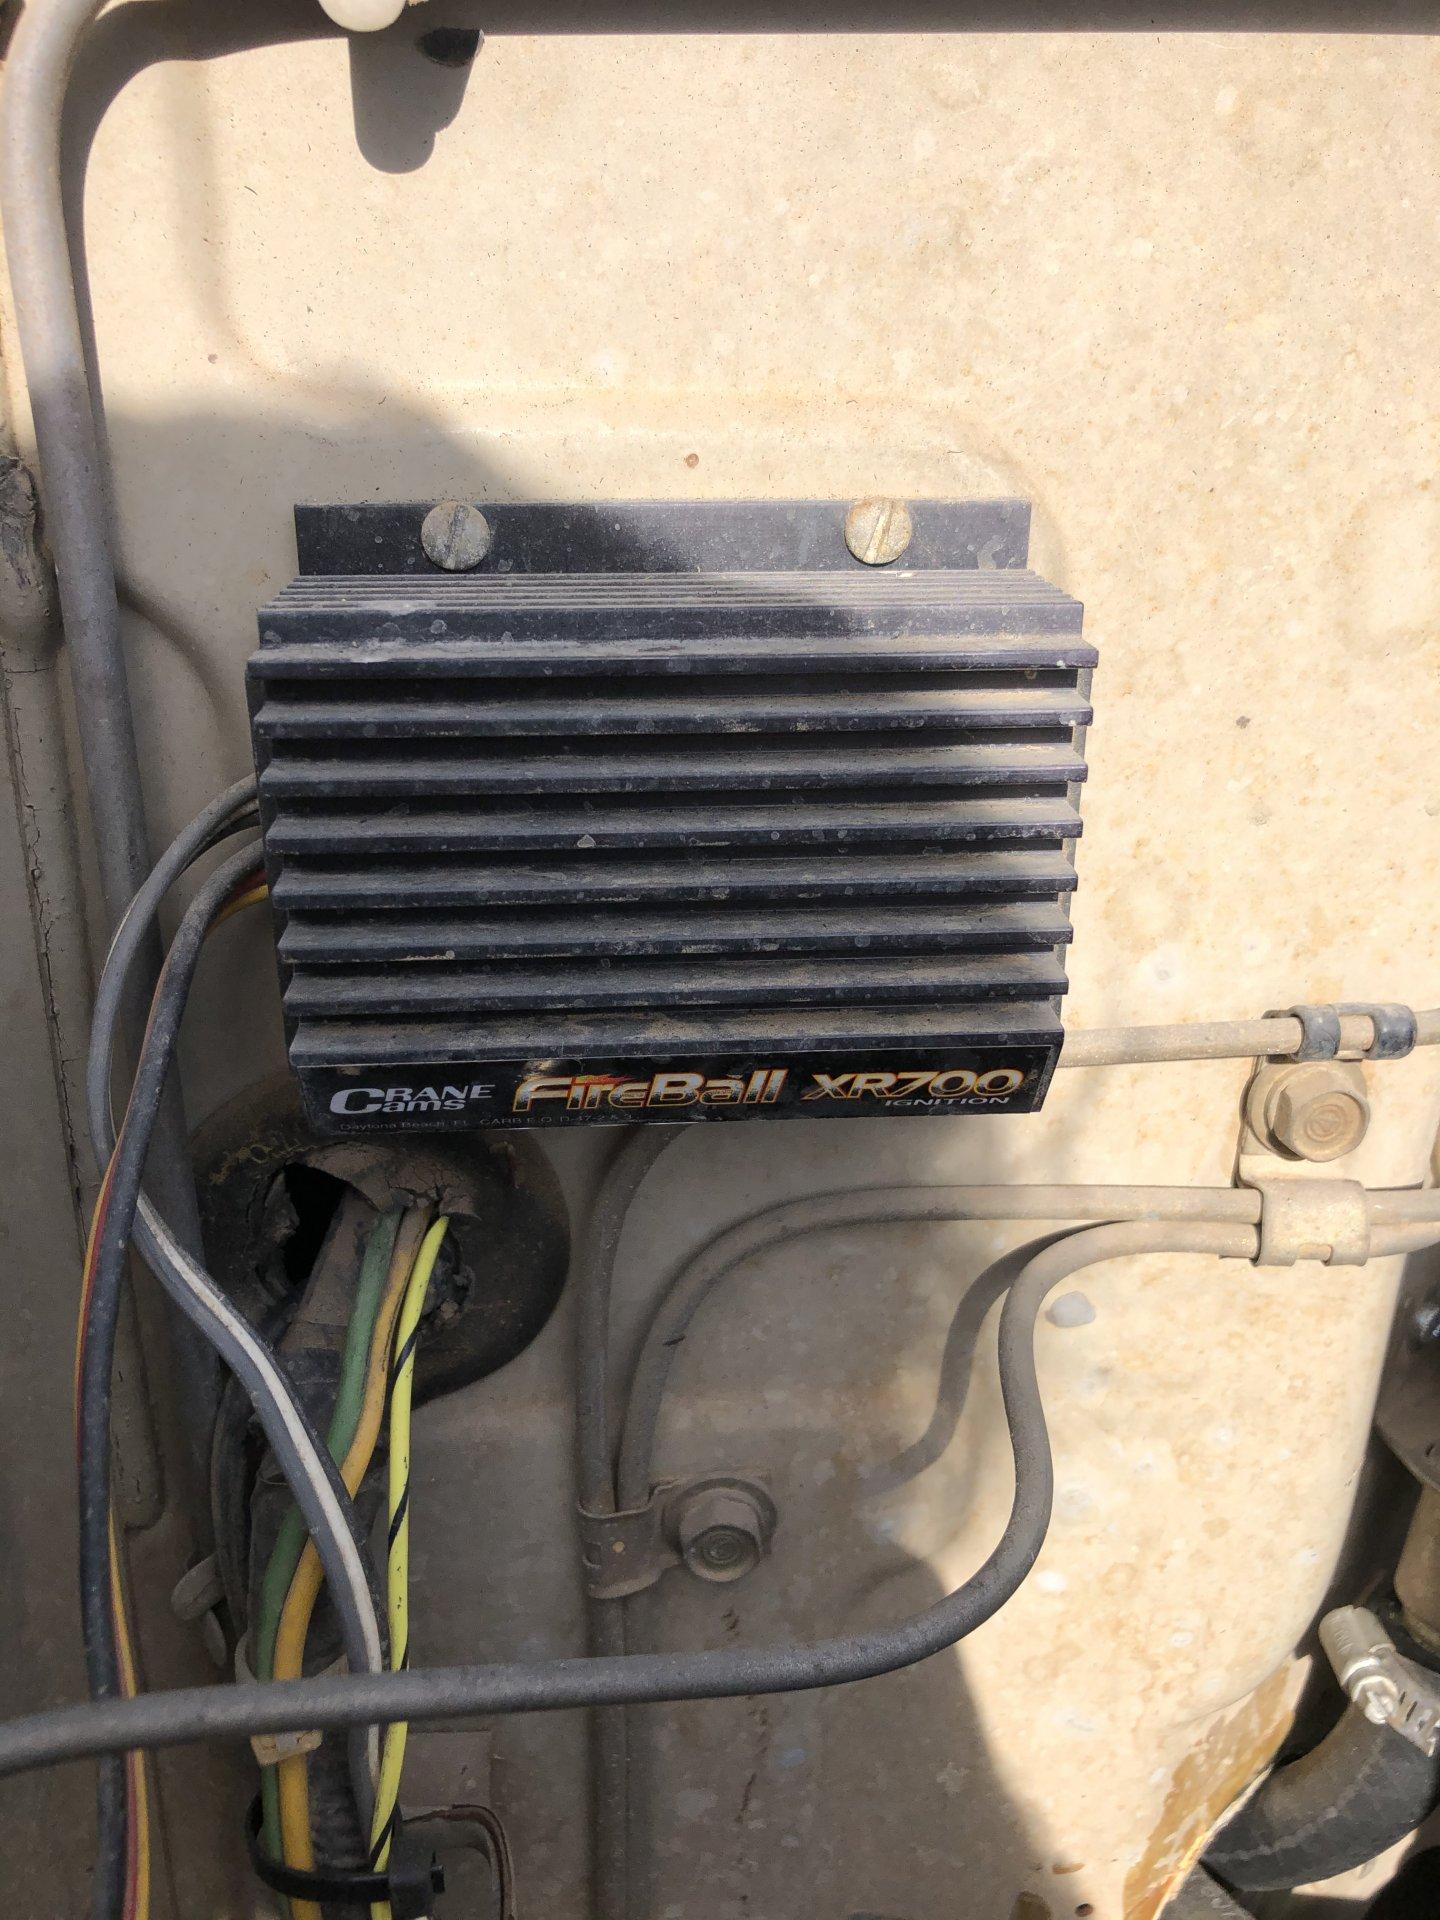 EC8F72BB-C45D-4247-958D-F67CED63546A.jpeg